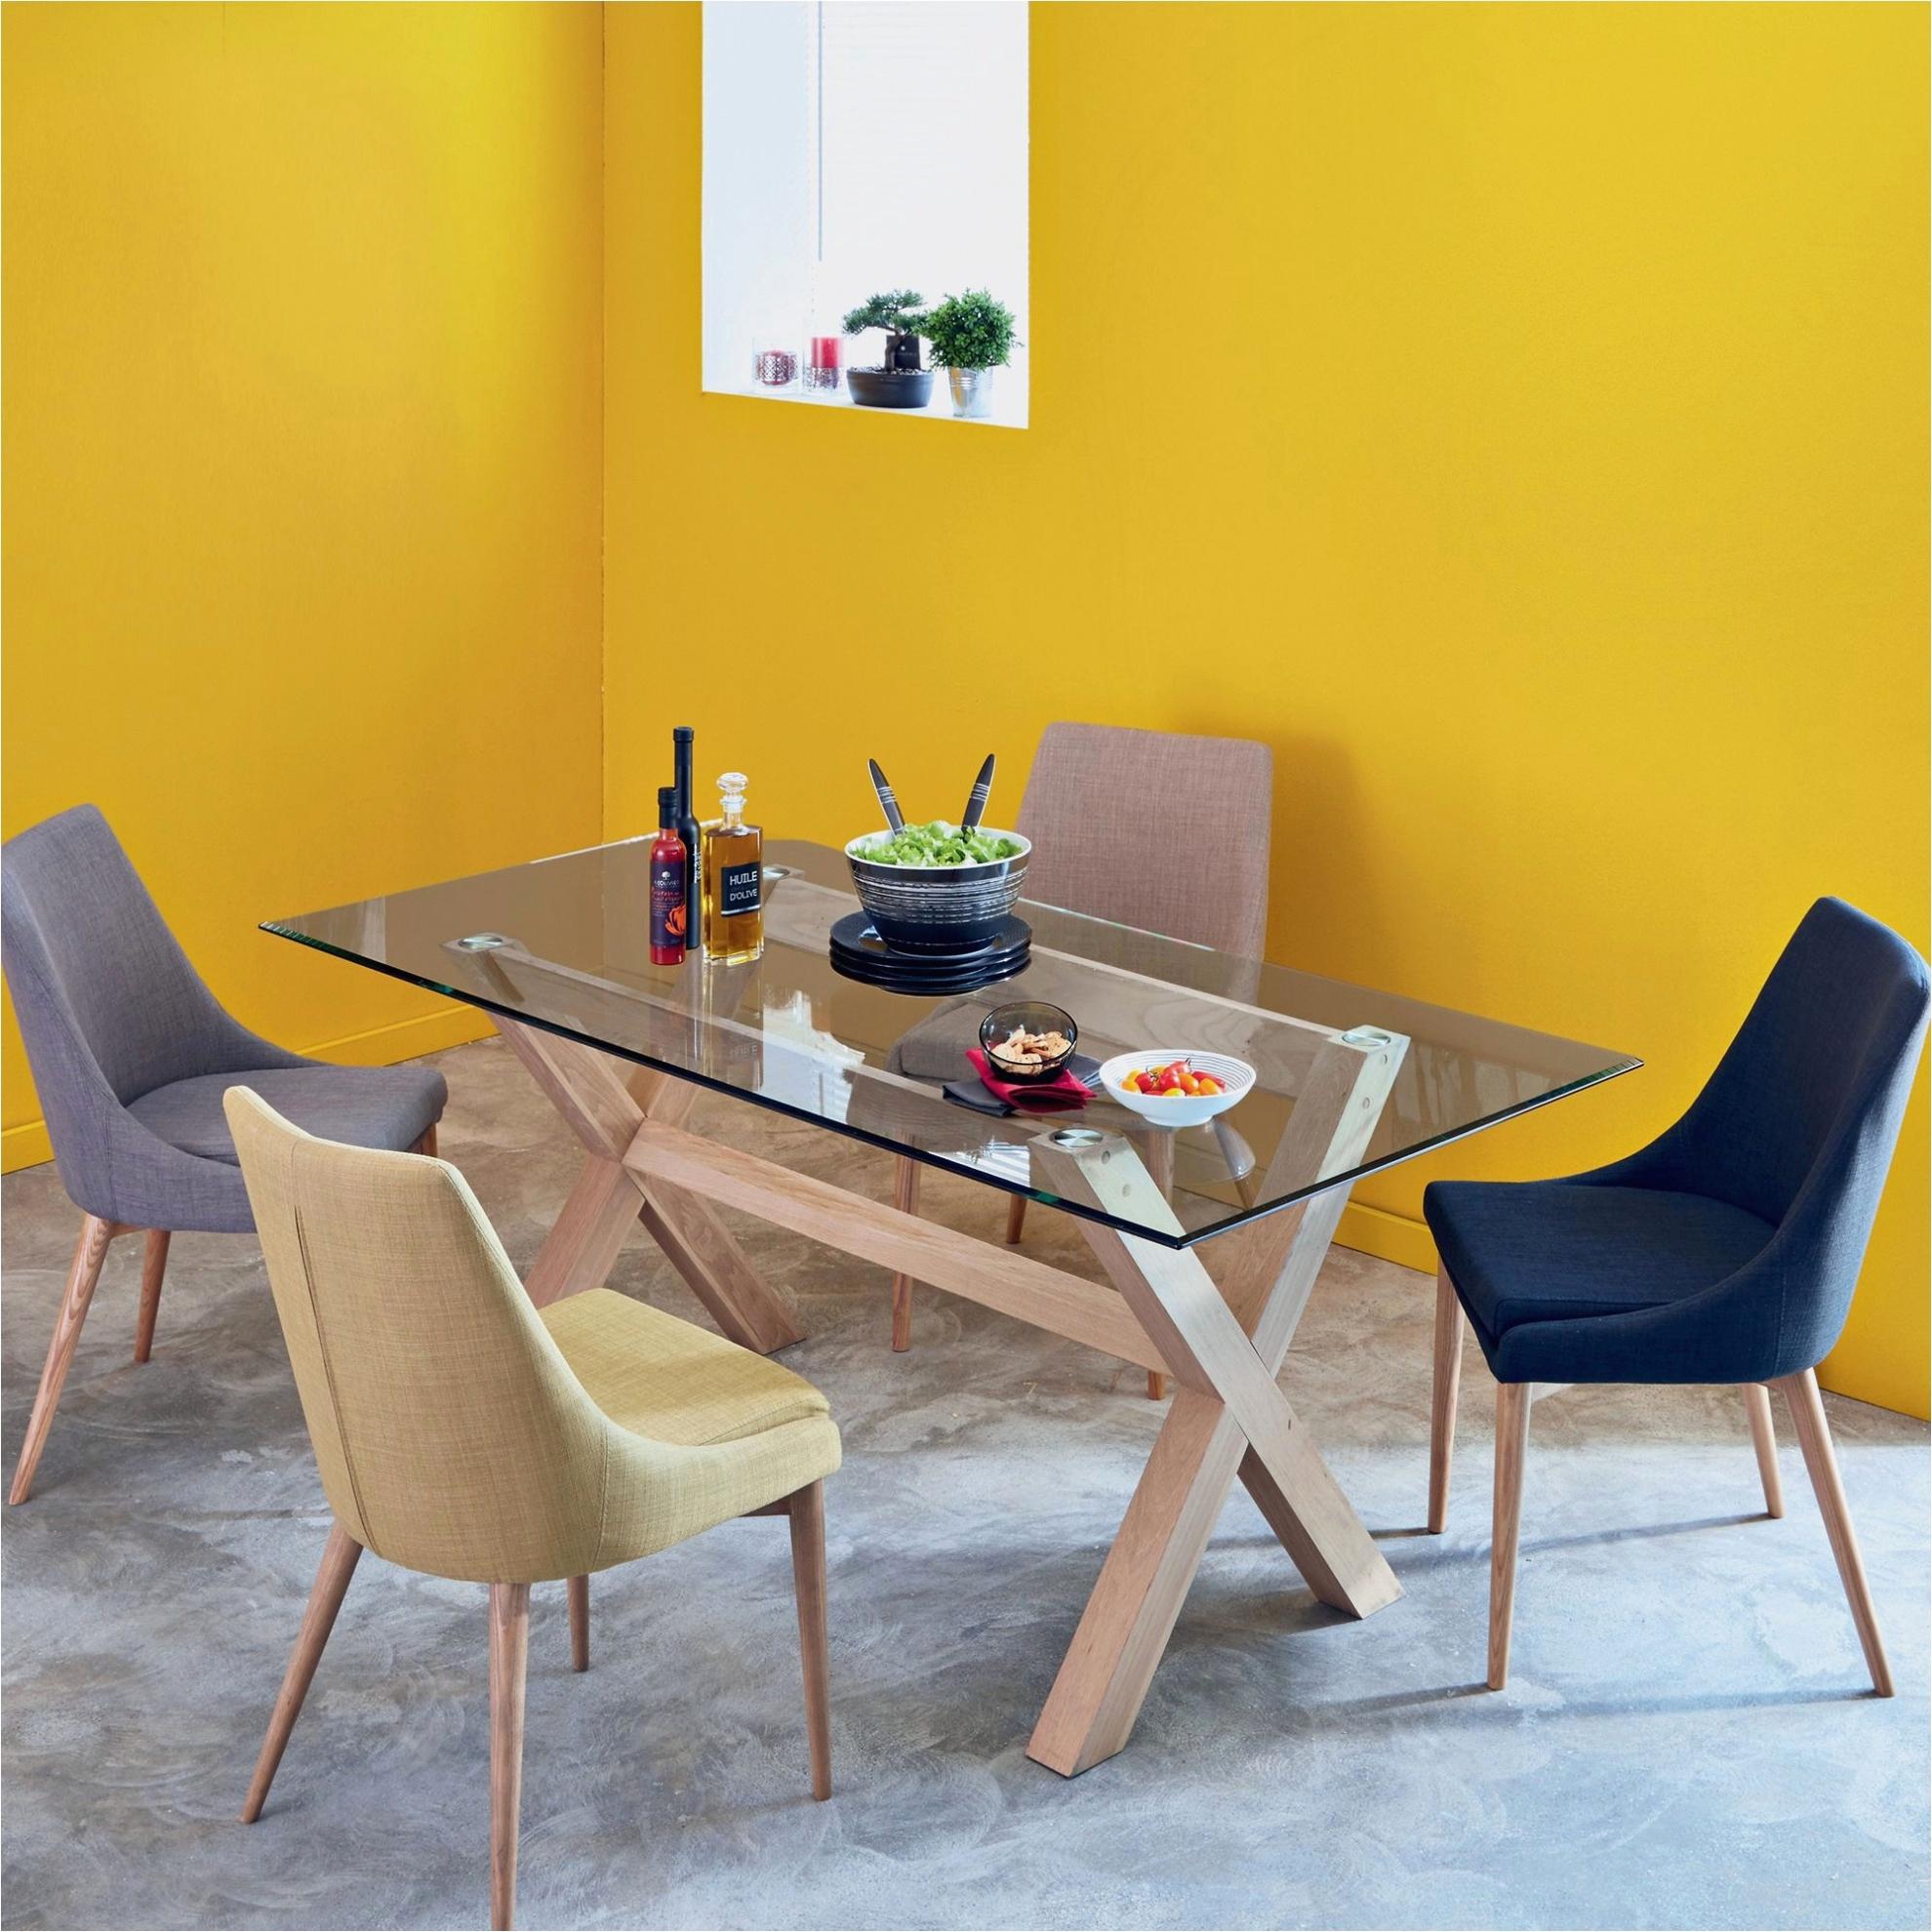 Chaise Jardin Carrefour Frais Stock Fauteuil Jardin Carrefour Inspirant Maha De Chaise Et Table